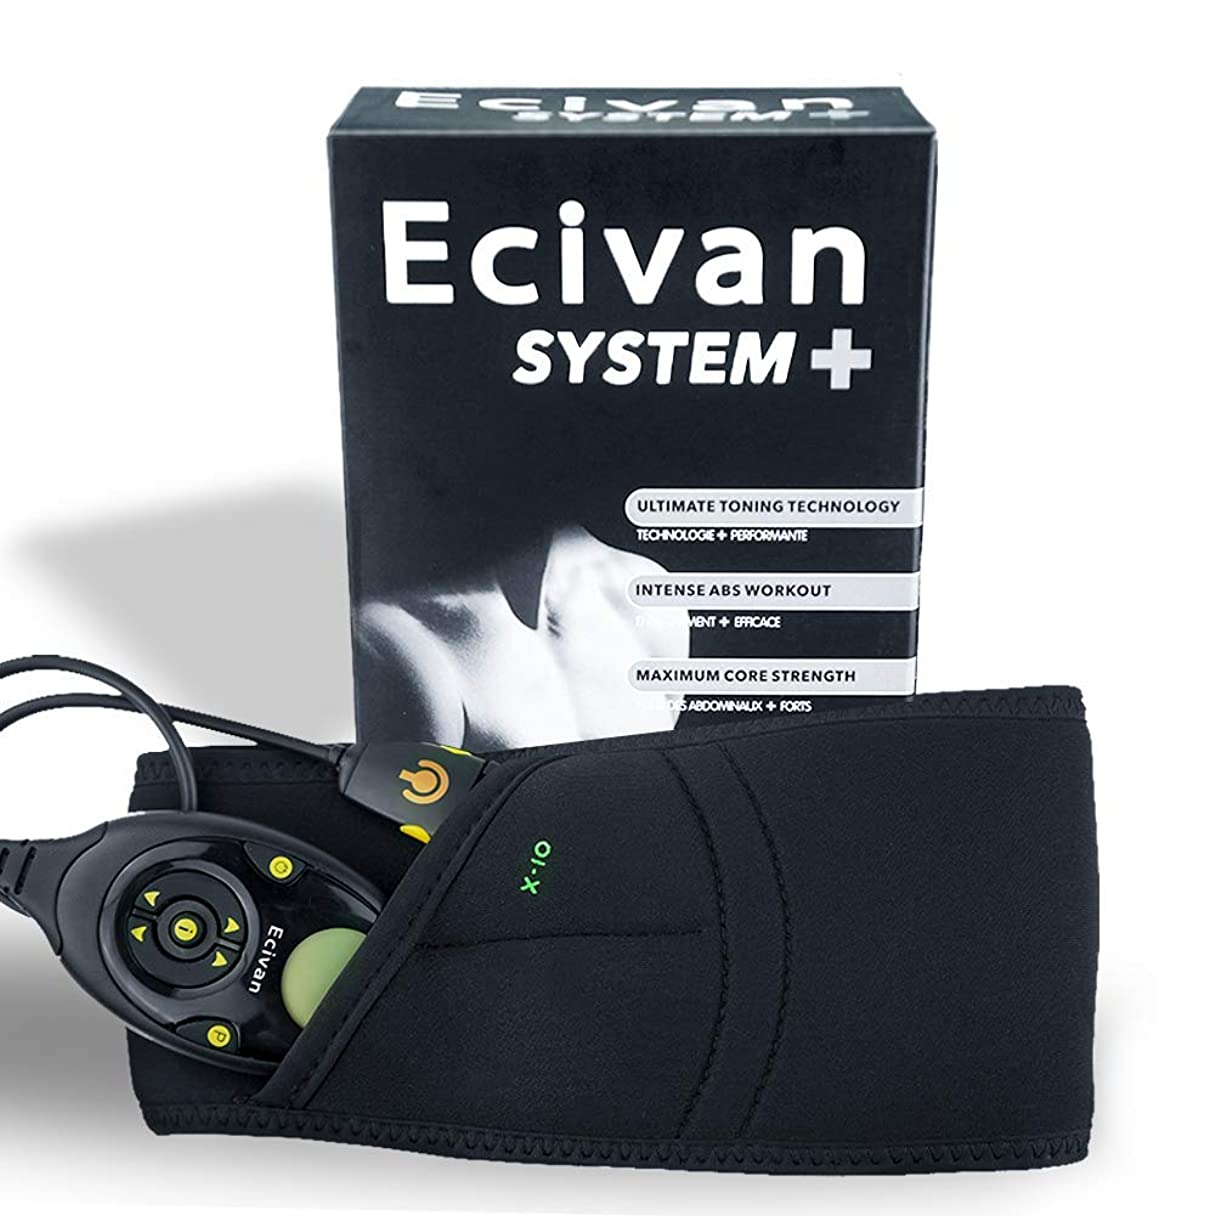 ディレクトリ呼びかけるまばたきEcivan EMS 腹筋ベルトボディフィットスリム トレーニング 電気振動マッサージ 痩身マシン 電動器具腹巻き USB充電 150階段